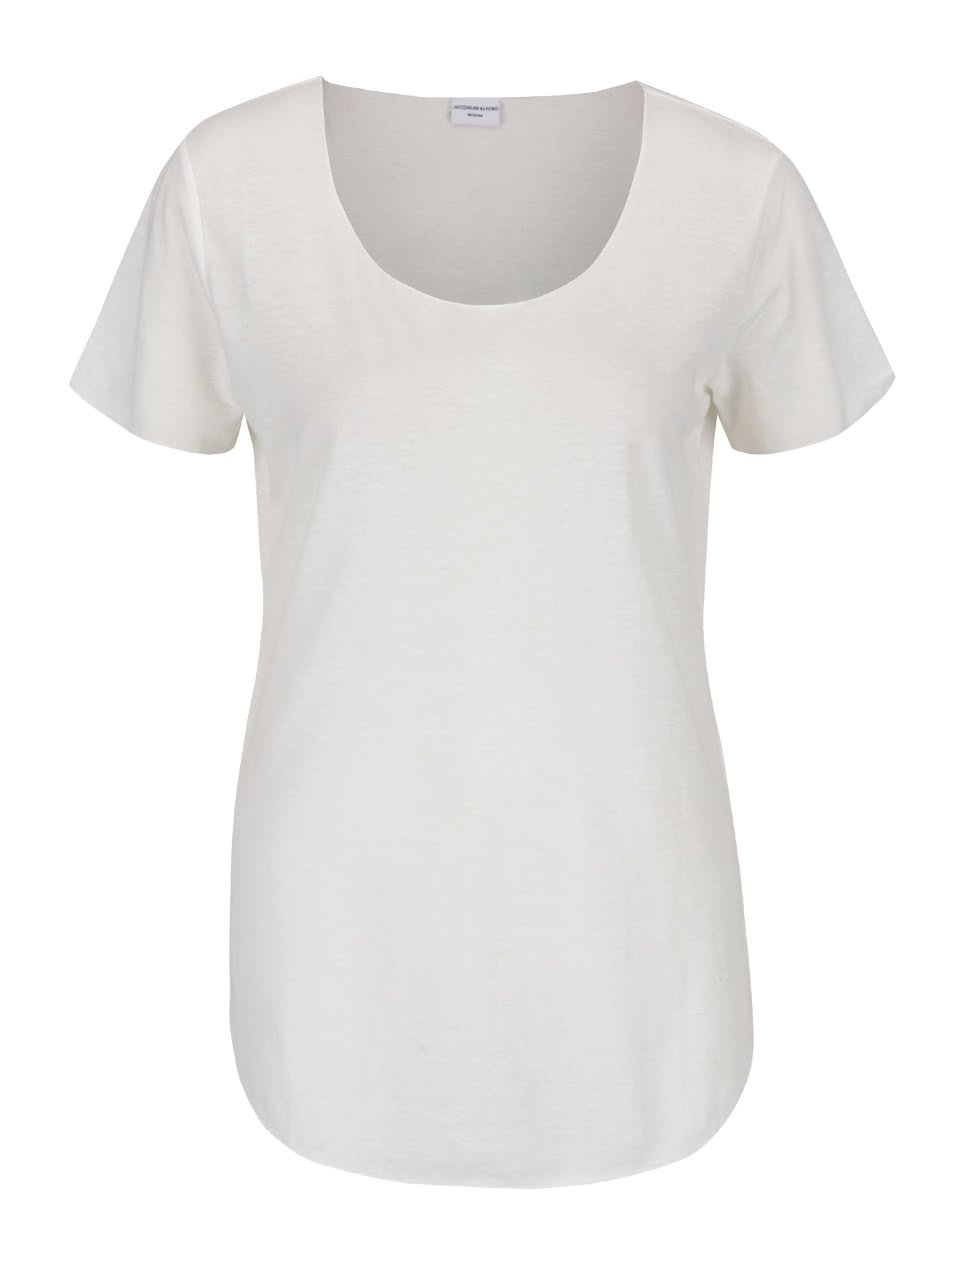 Krémové tričko s příměsí lnu Jacqueline de Yong Linette